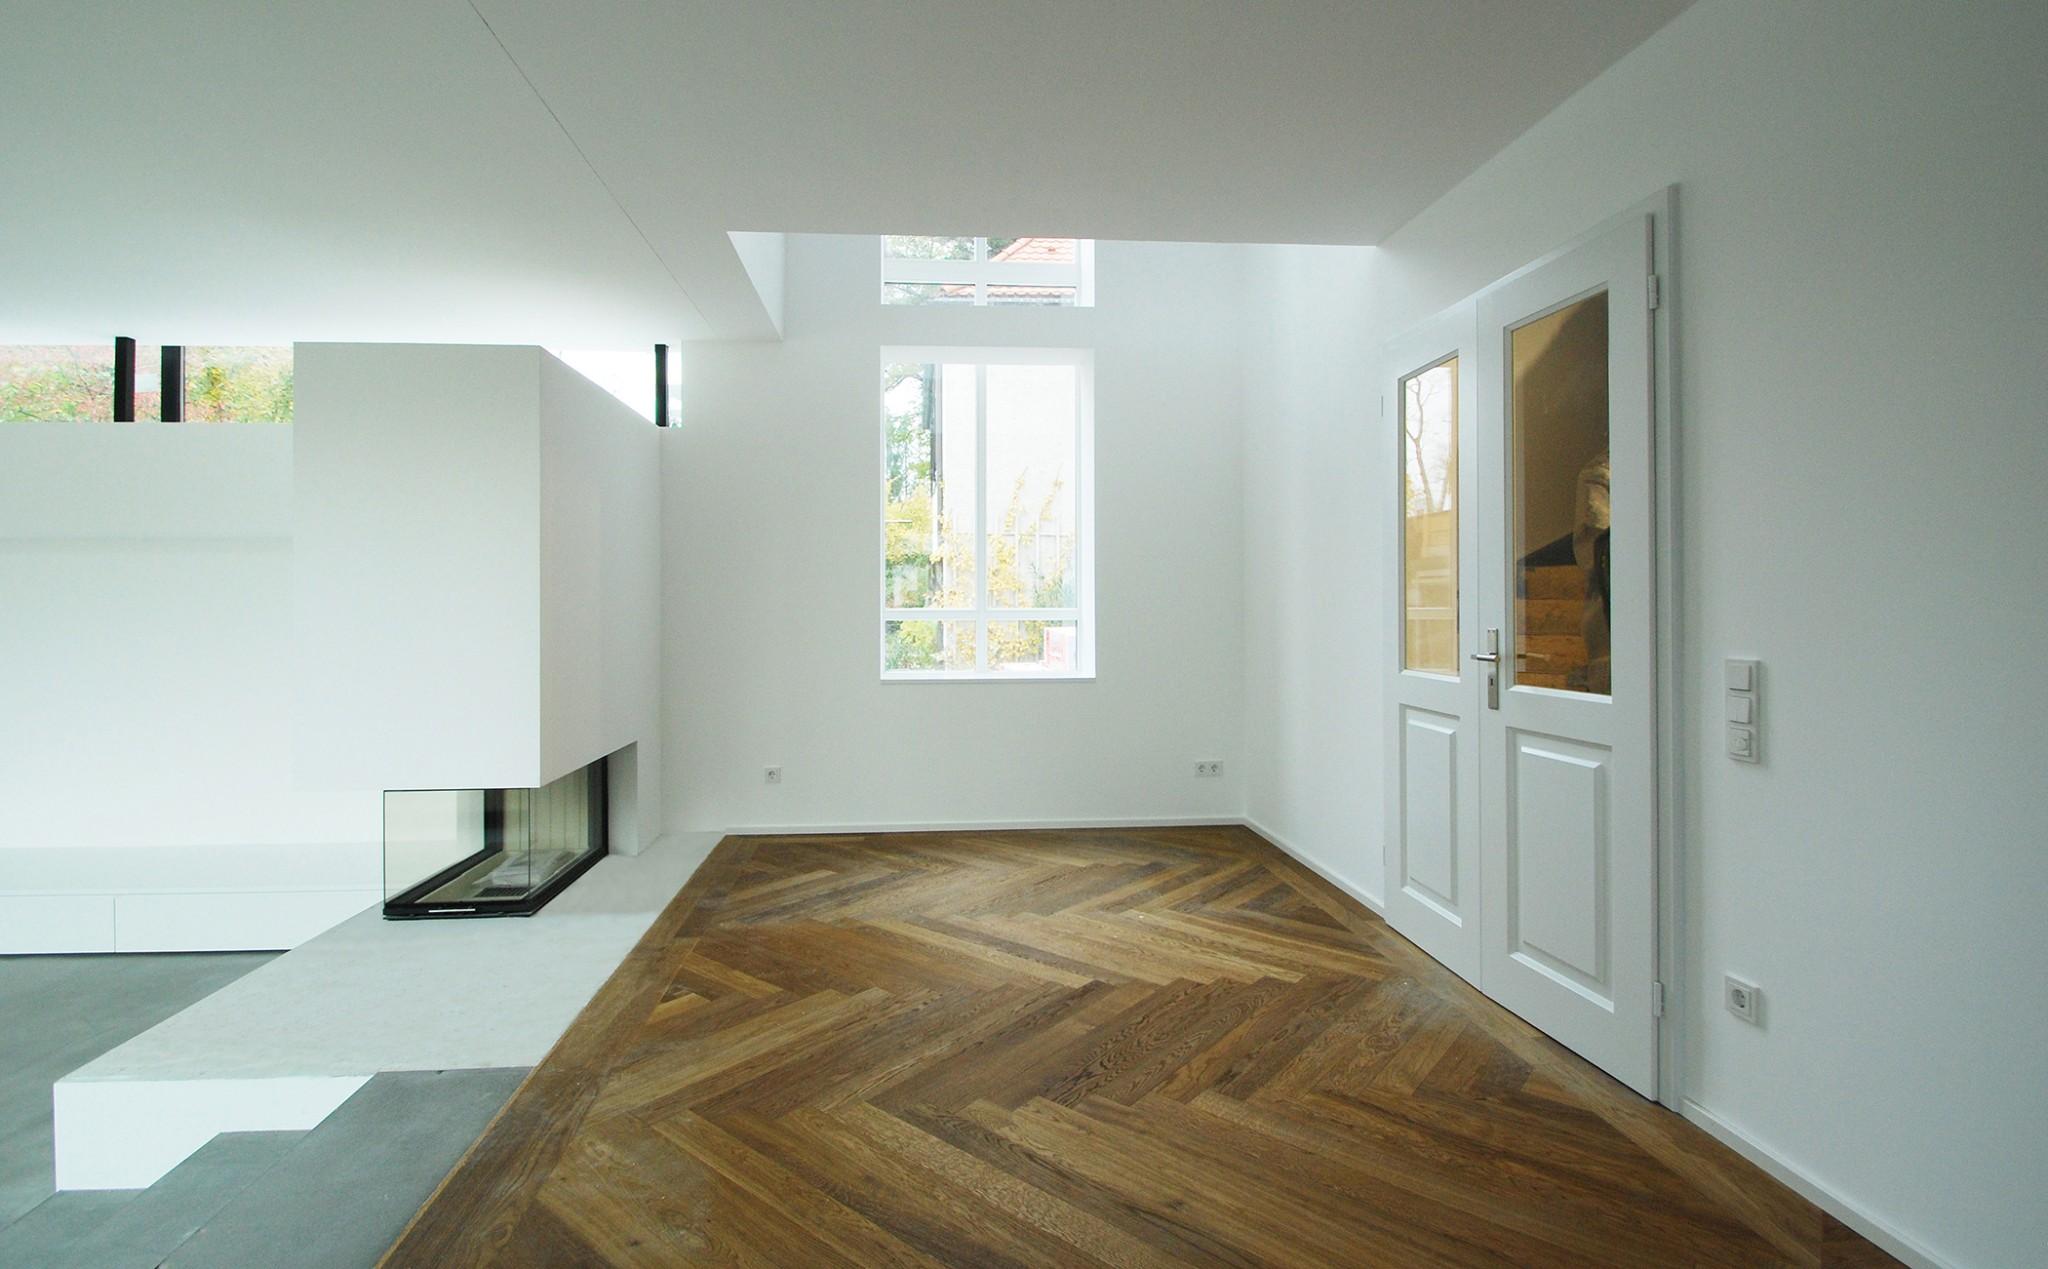 galerie wohnzimmer raum und m beldesign inspiration. Black Bedroom Furniture Sets. Home Design Ideas